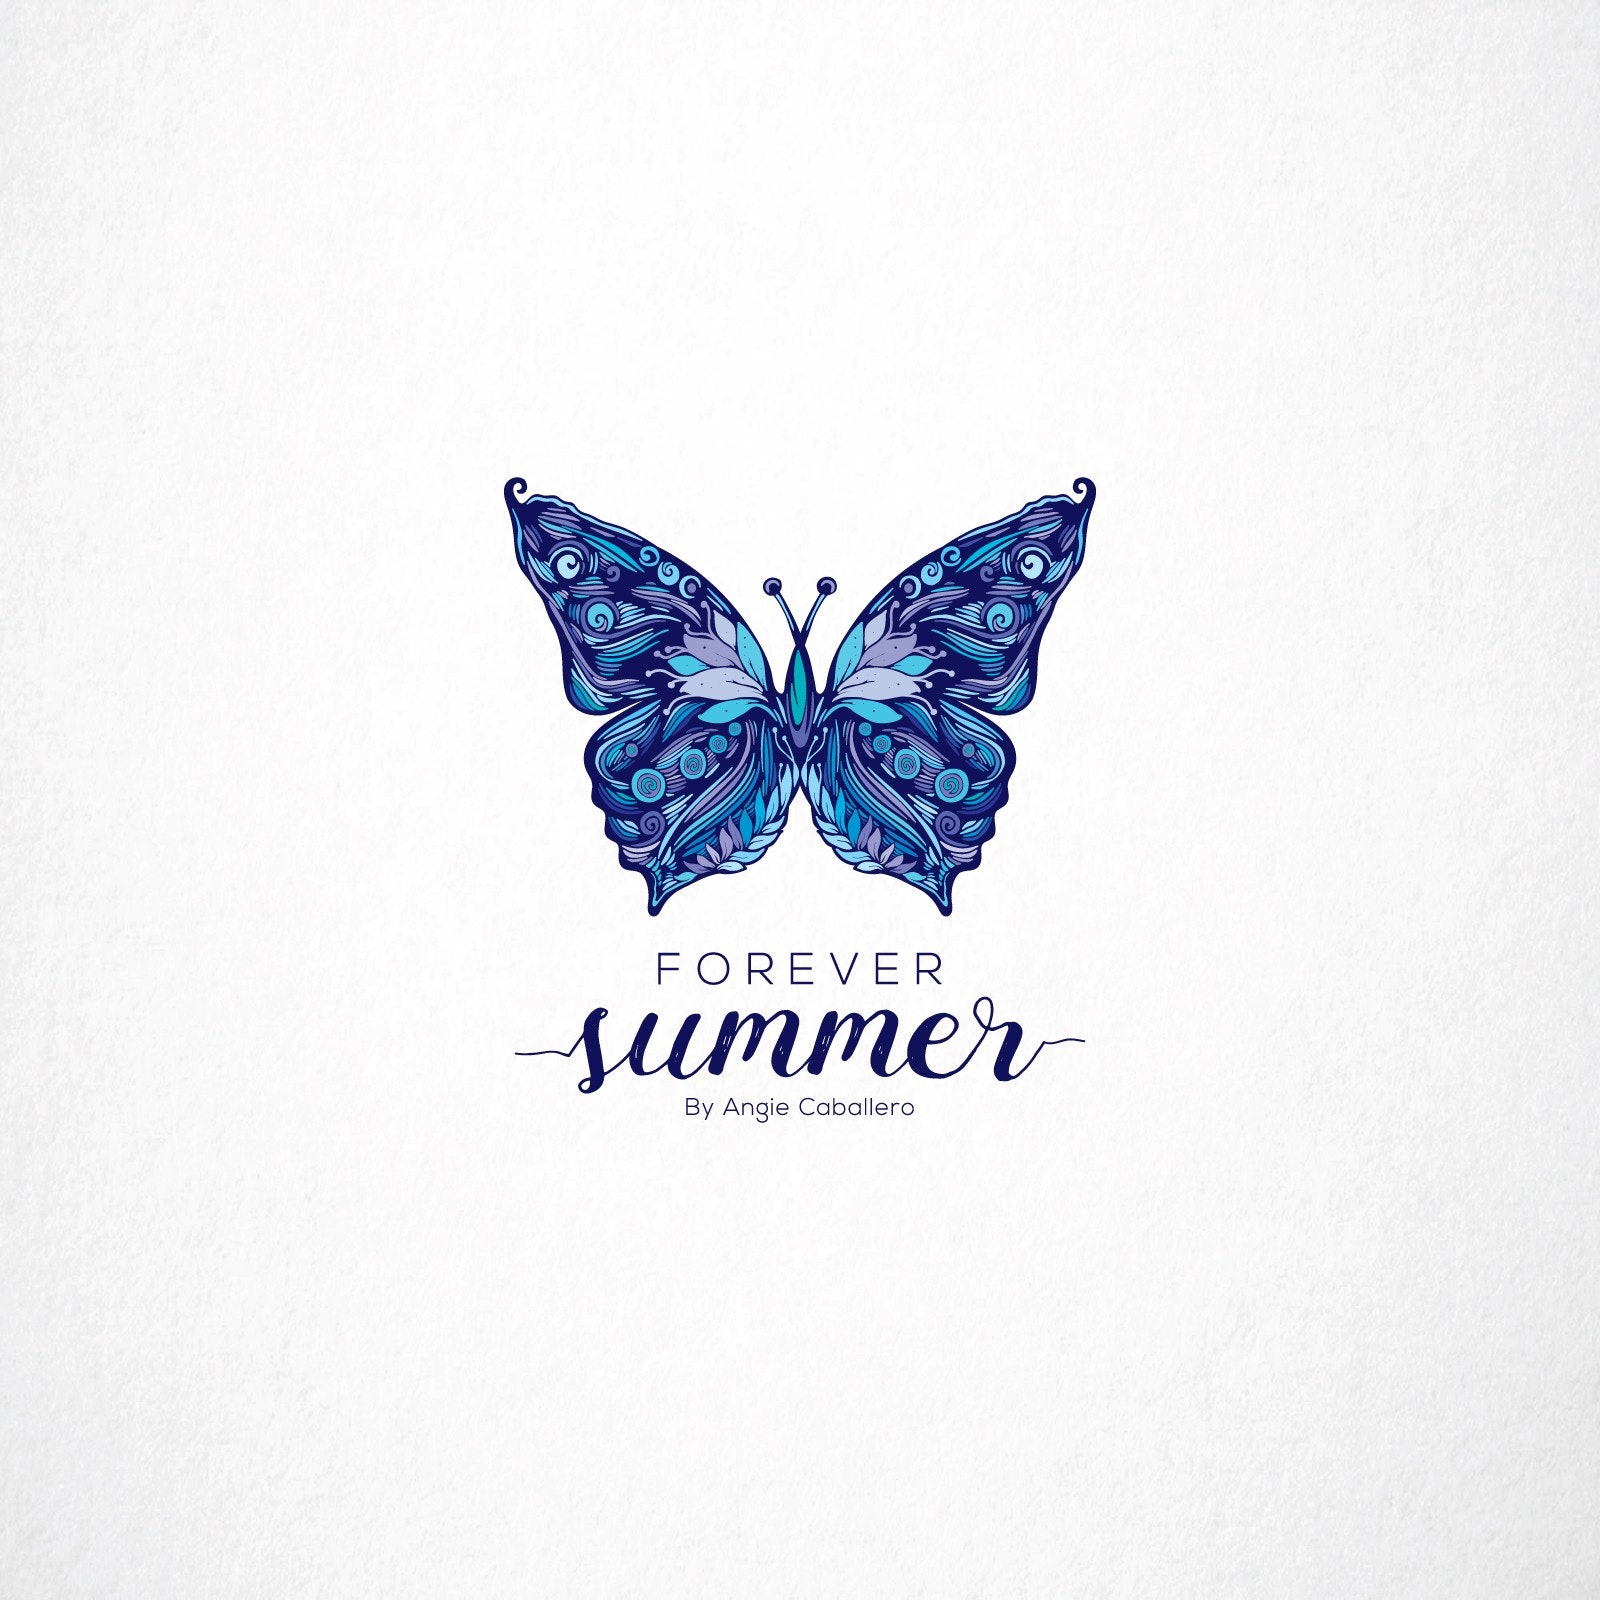 Forever Summer logo